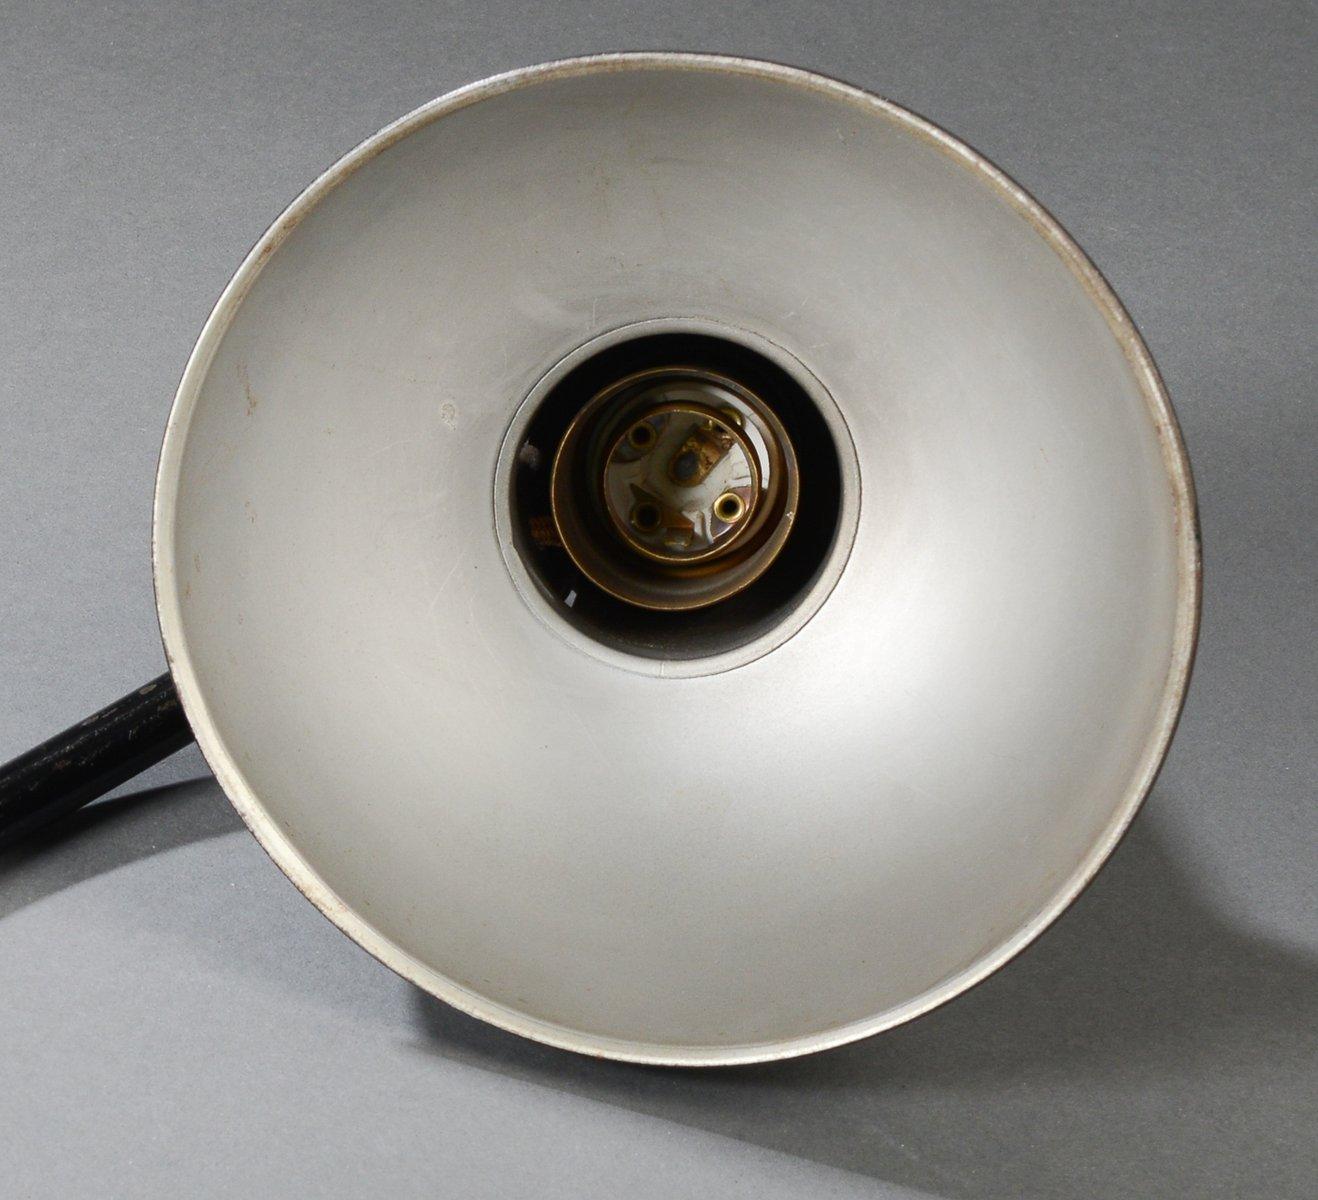 model 6556 lamp by christian dell for kaiser leuchten. Black Bedroom Furniture Sets. Home Design Ideas